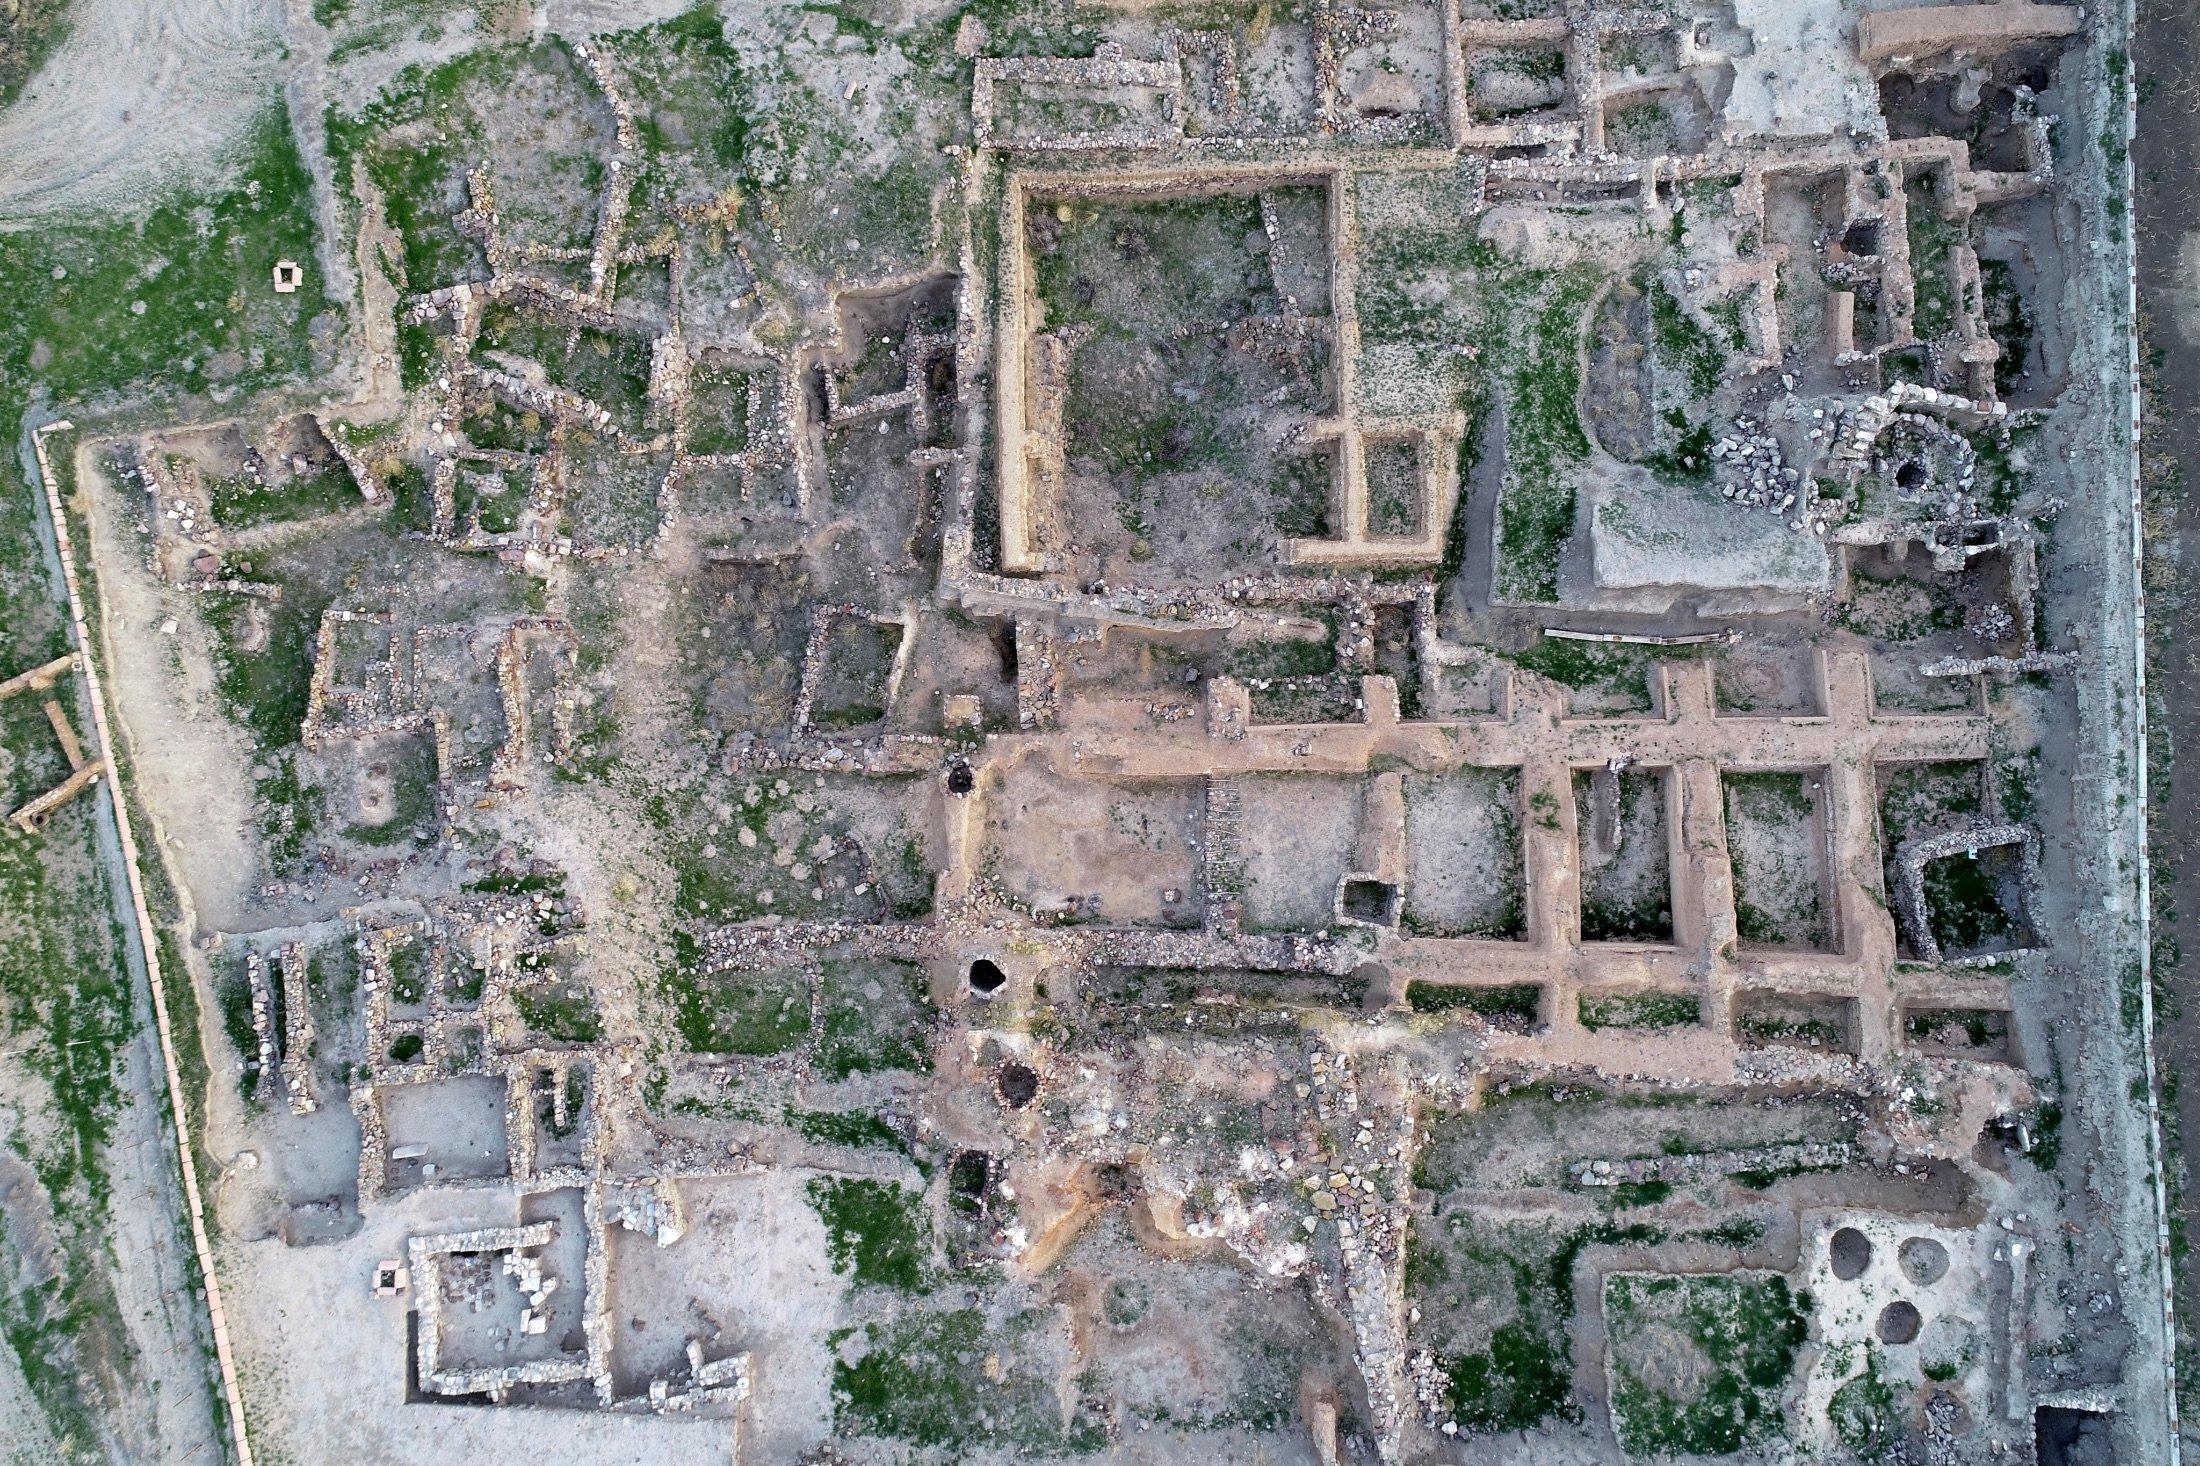 19 Nisan 2021 Goldtep, Türkiye'nin merkezinde, Kayseri'ye 25 kilometre (15 mil) uzaklıkta, Ganesh olarak da bilinen antik bir şehir.  (AA fotoğraf)